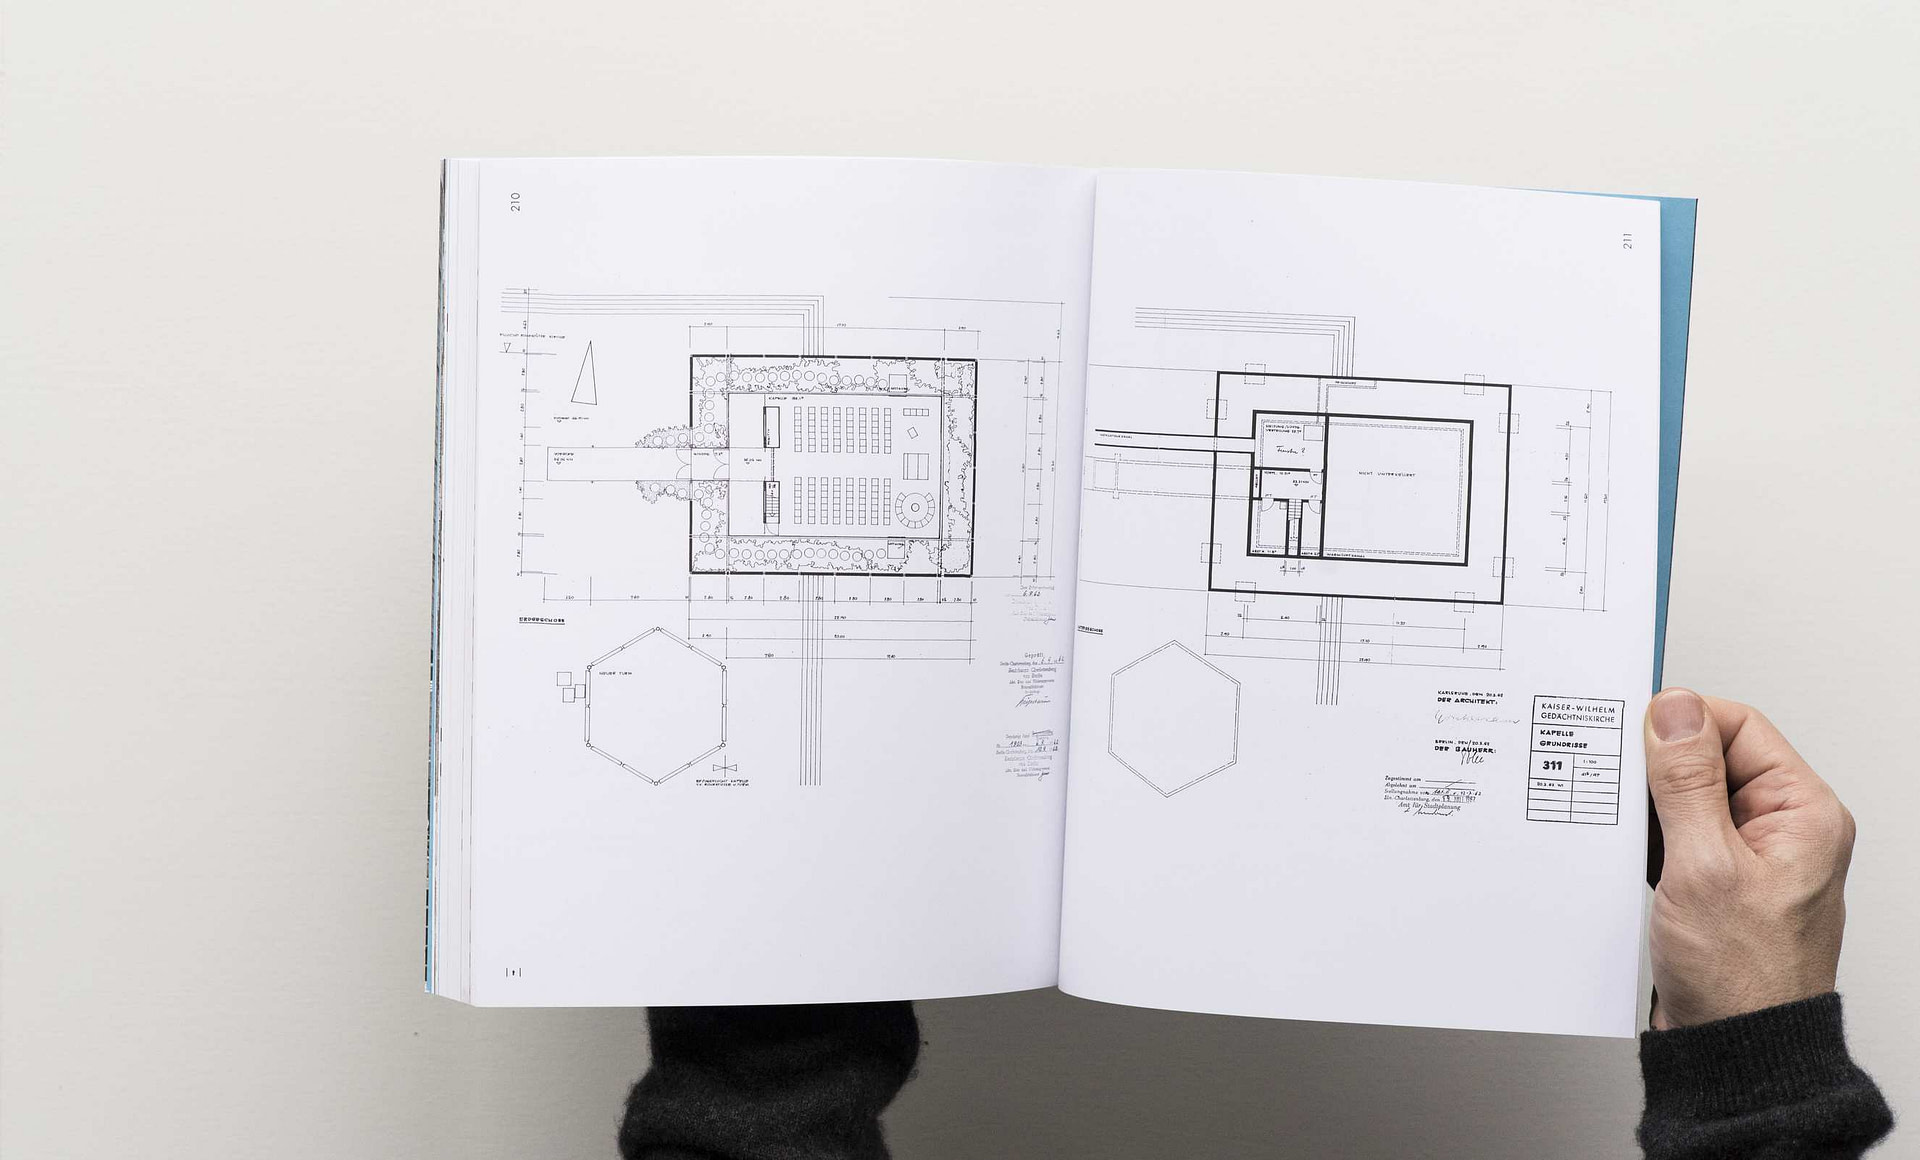 kaiser-wilhelm-memorial-church-book-21-2650x1600px